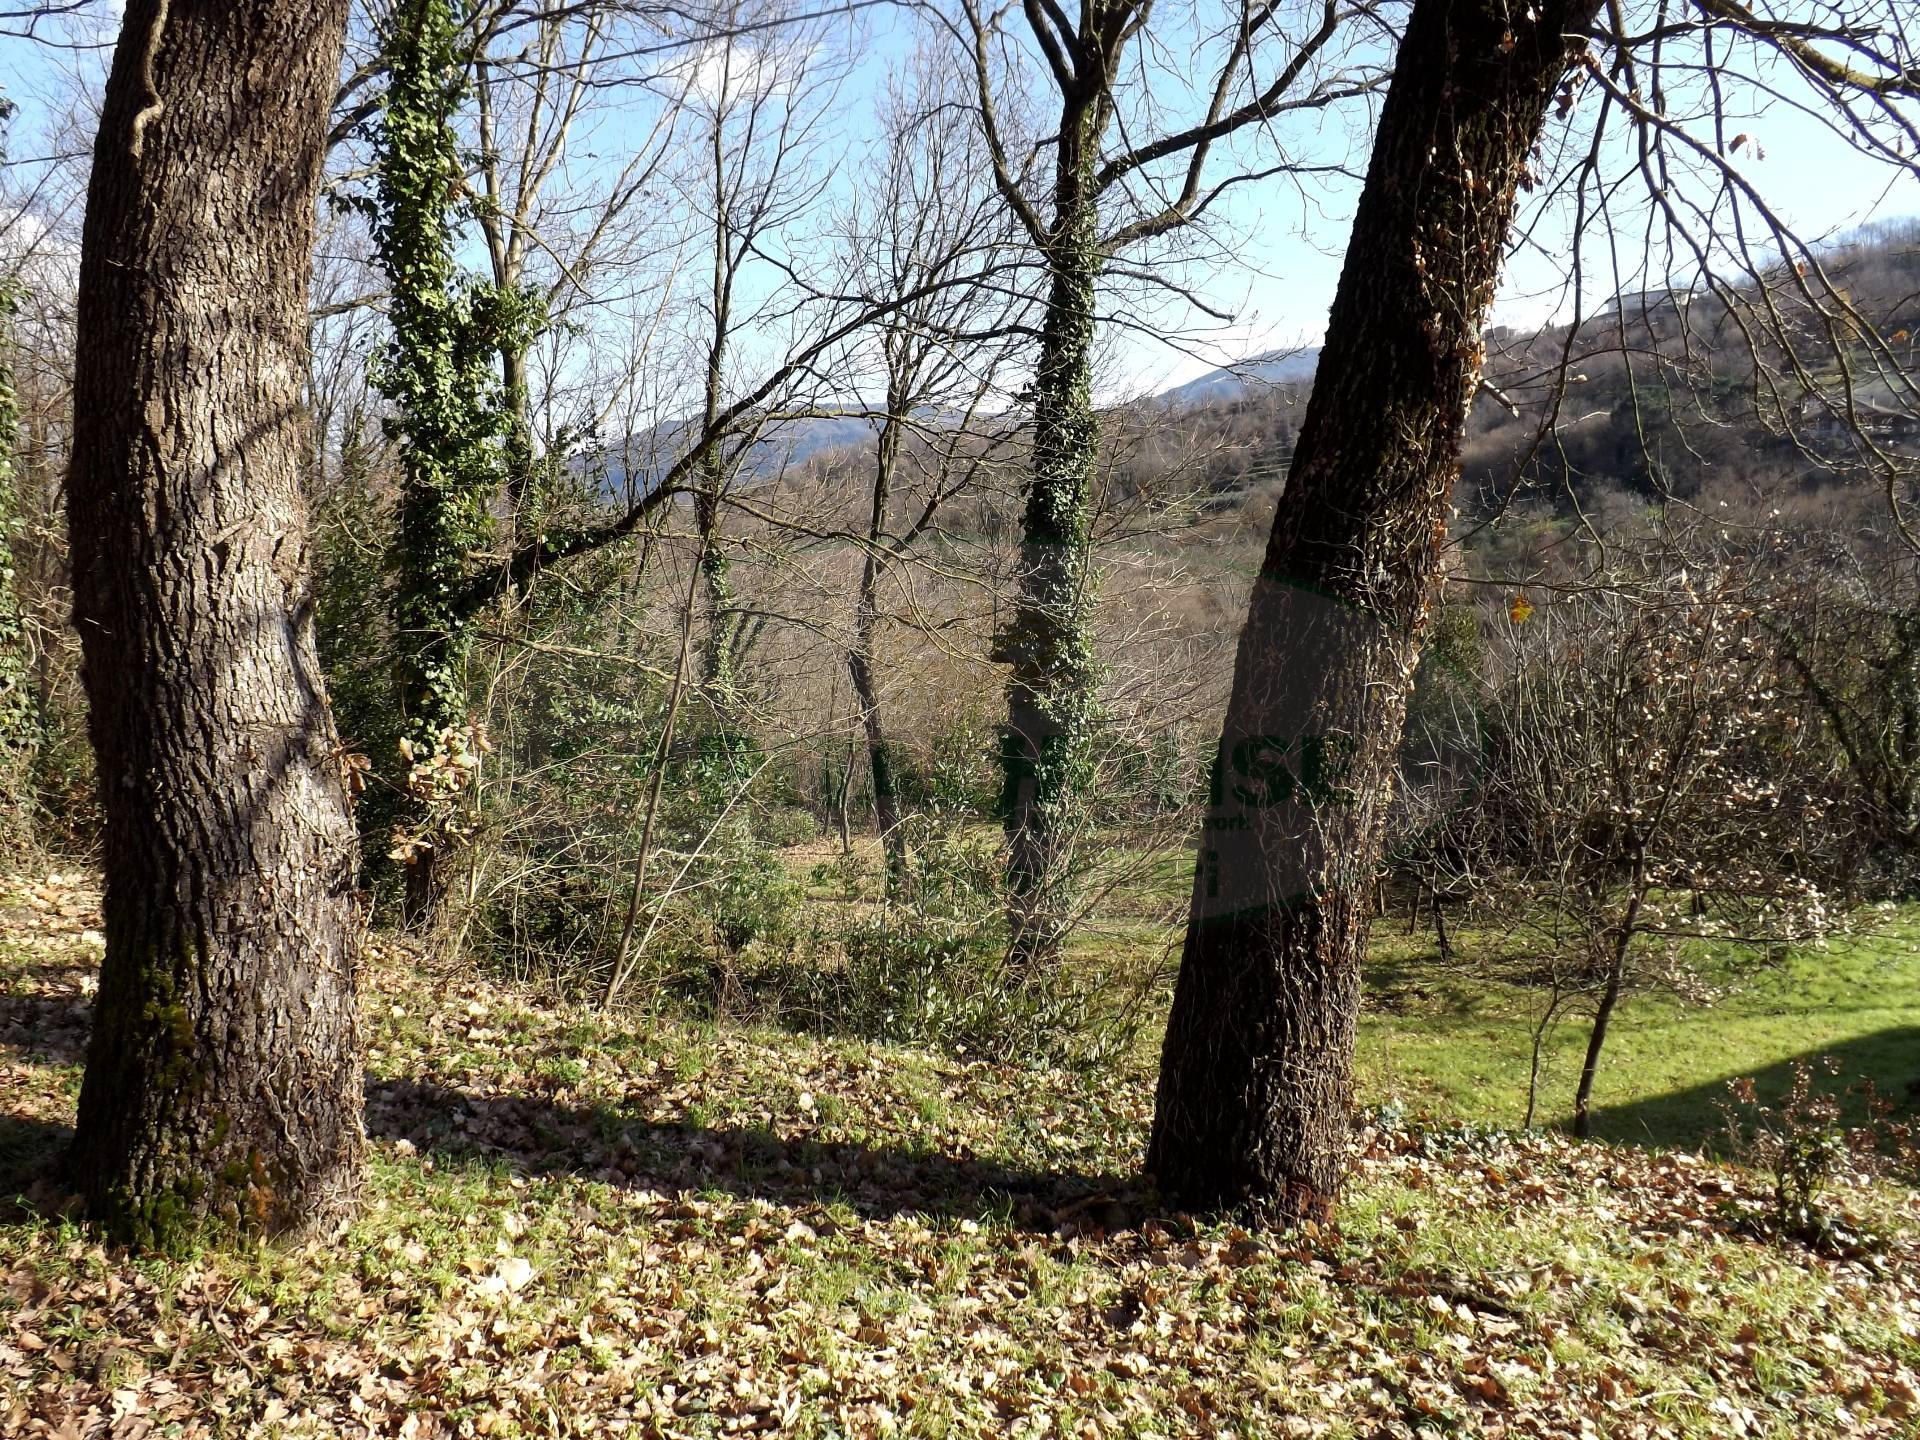 Terreno Agricolo in vendita a Aiello del Sabato, 9999 locali, prezzo € 40.000 | CambioCasa.it